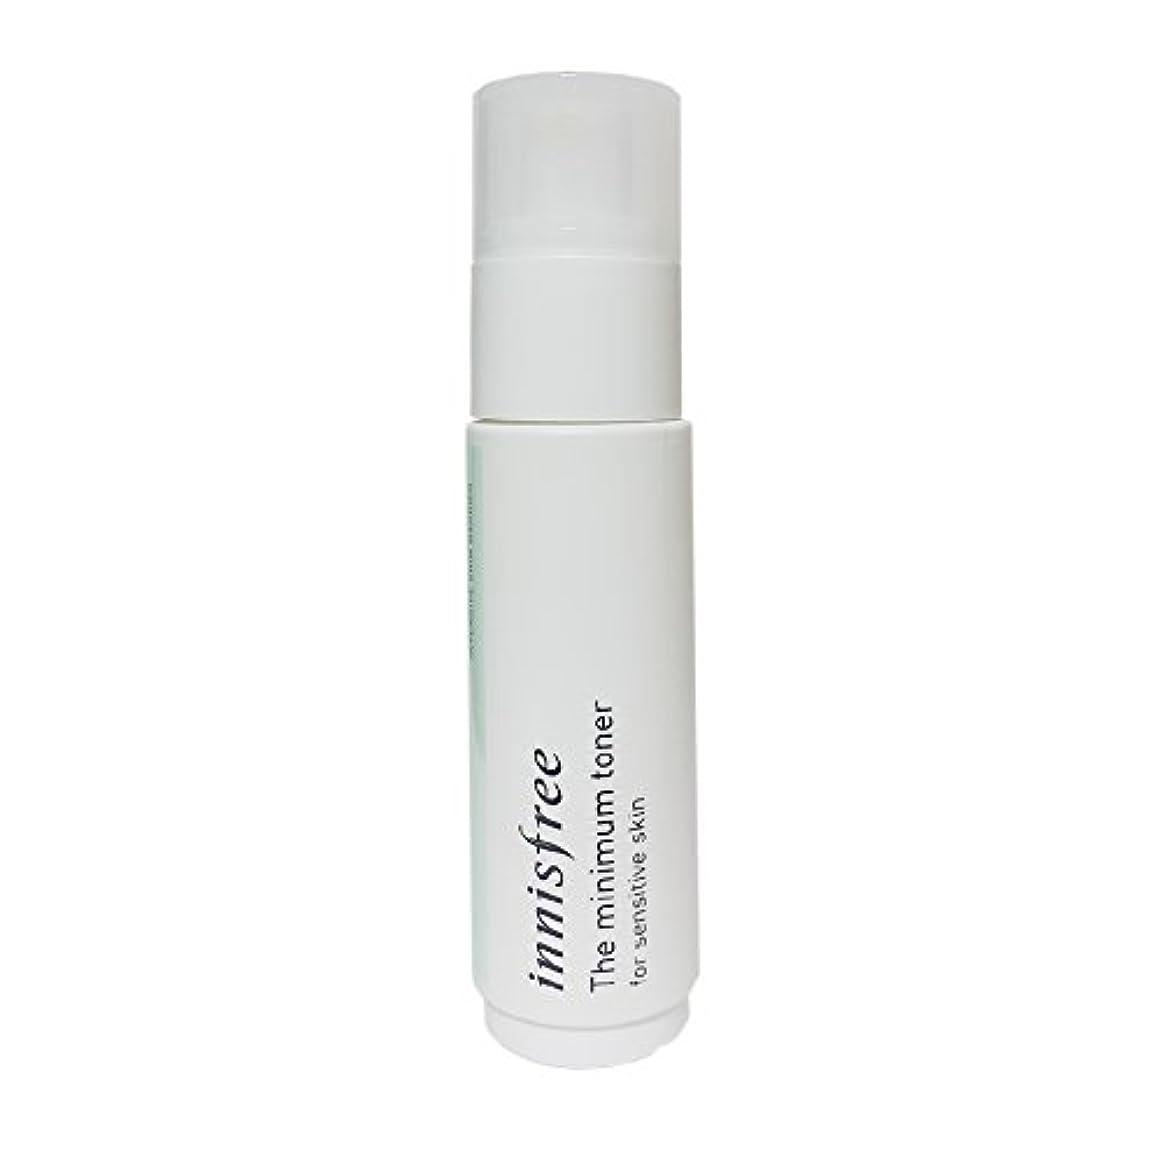 少年派手ダイヤル[イニスフリー] Innisfree ザミニマム トナー敏感肌用(45ml) Innisfree The Minimum Toner For Sensitive Skin(45ml)  [海外直送品]